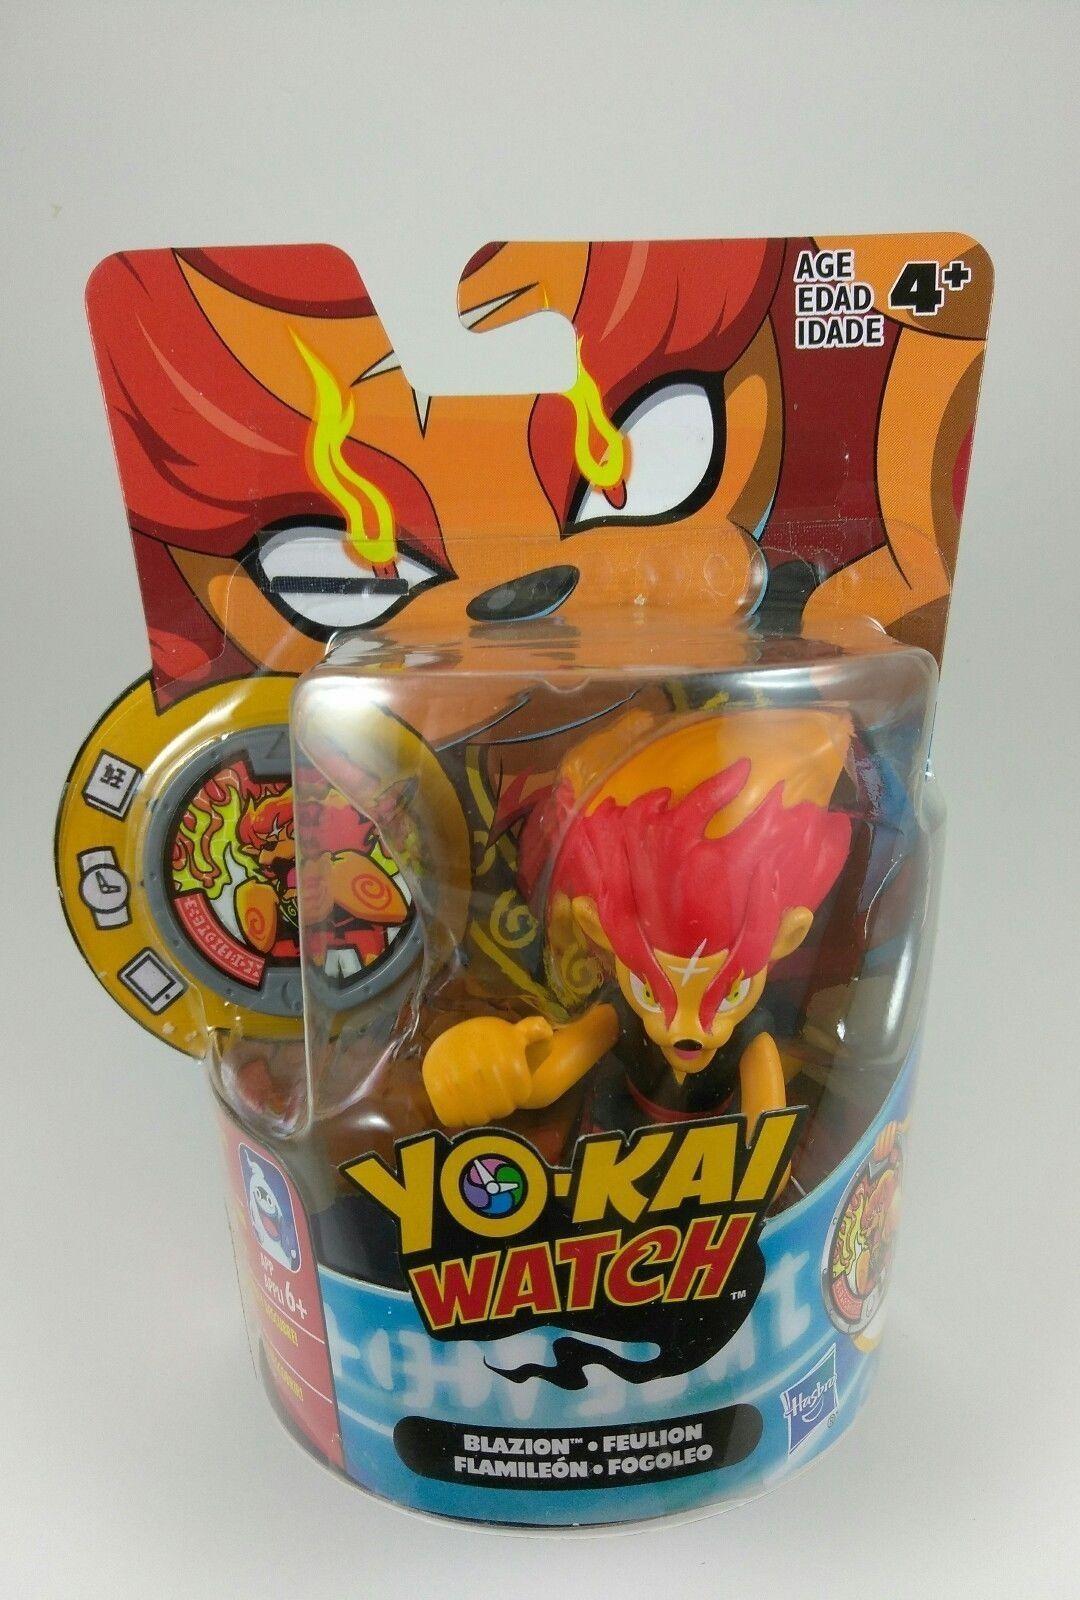 details about yo kai watch blazion yokai medal watch series 3 japan